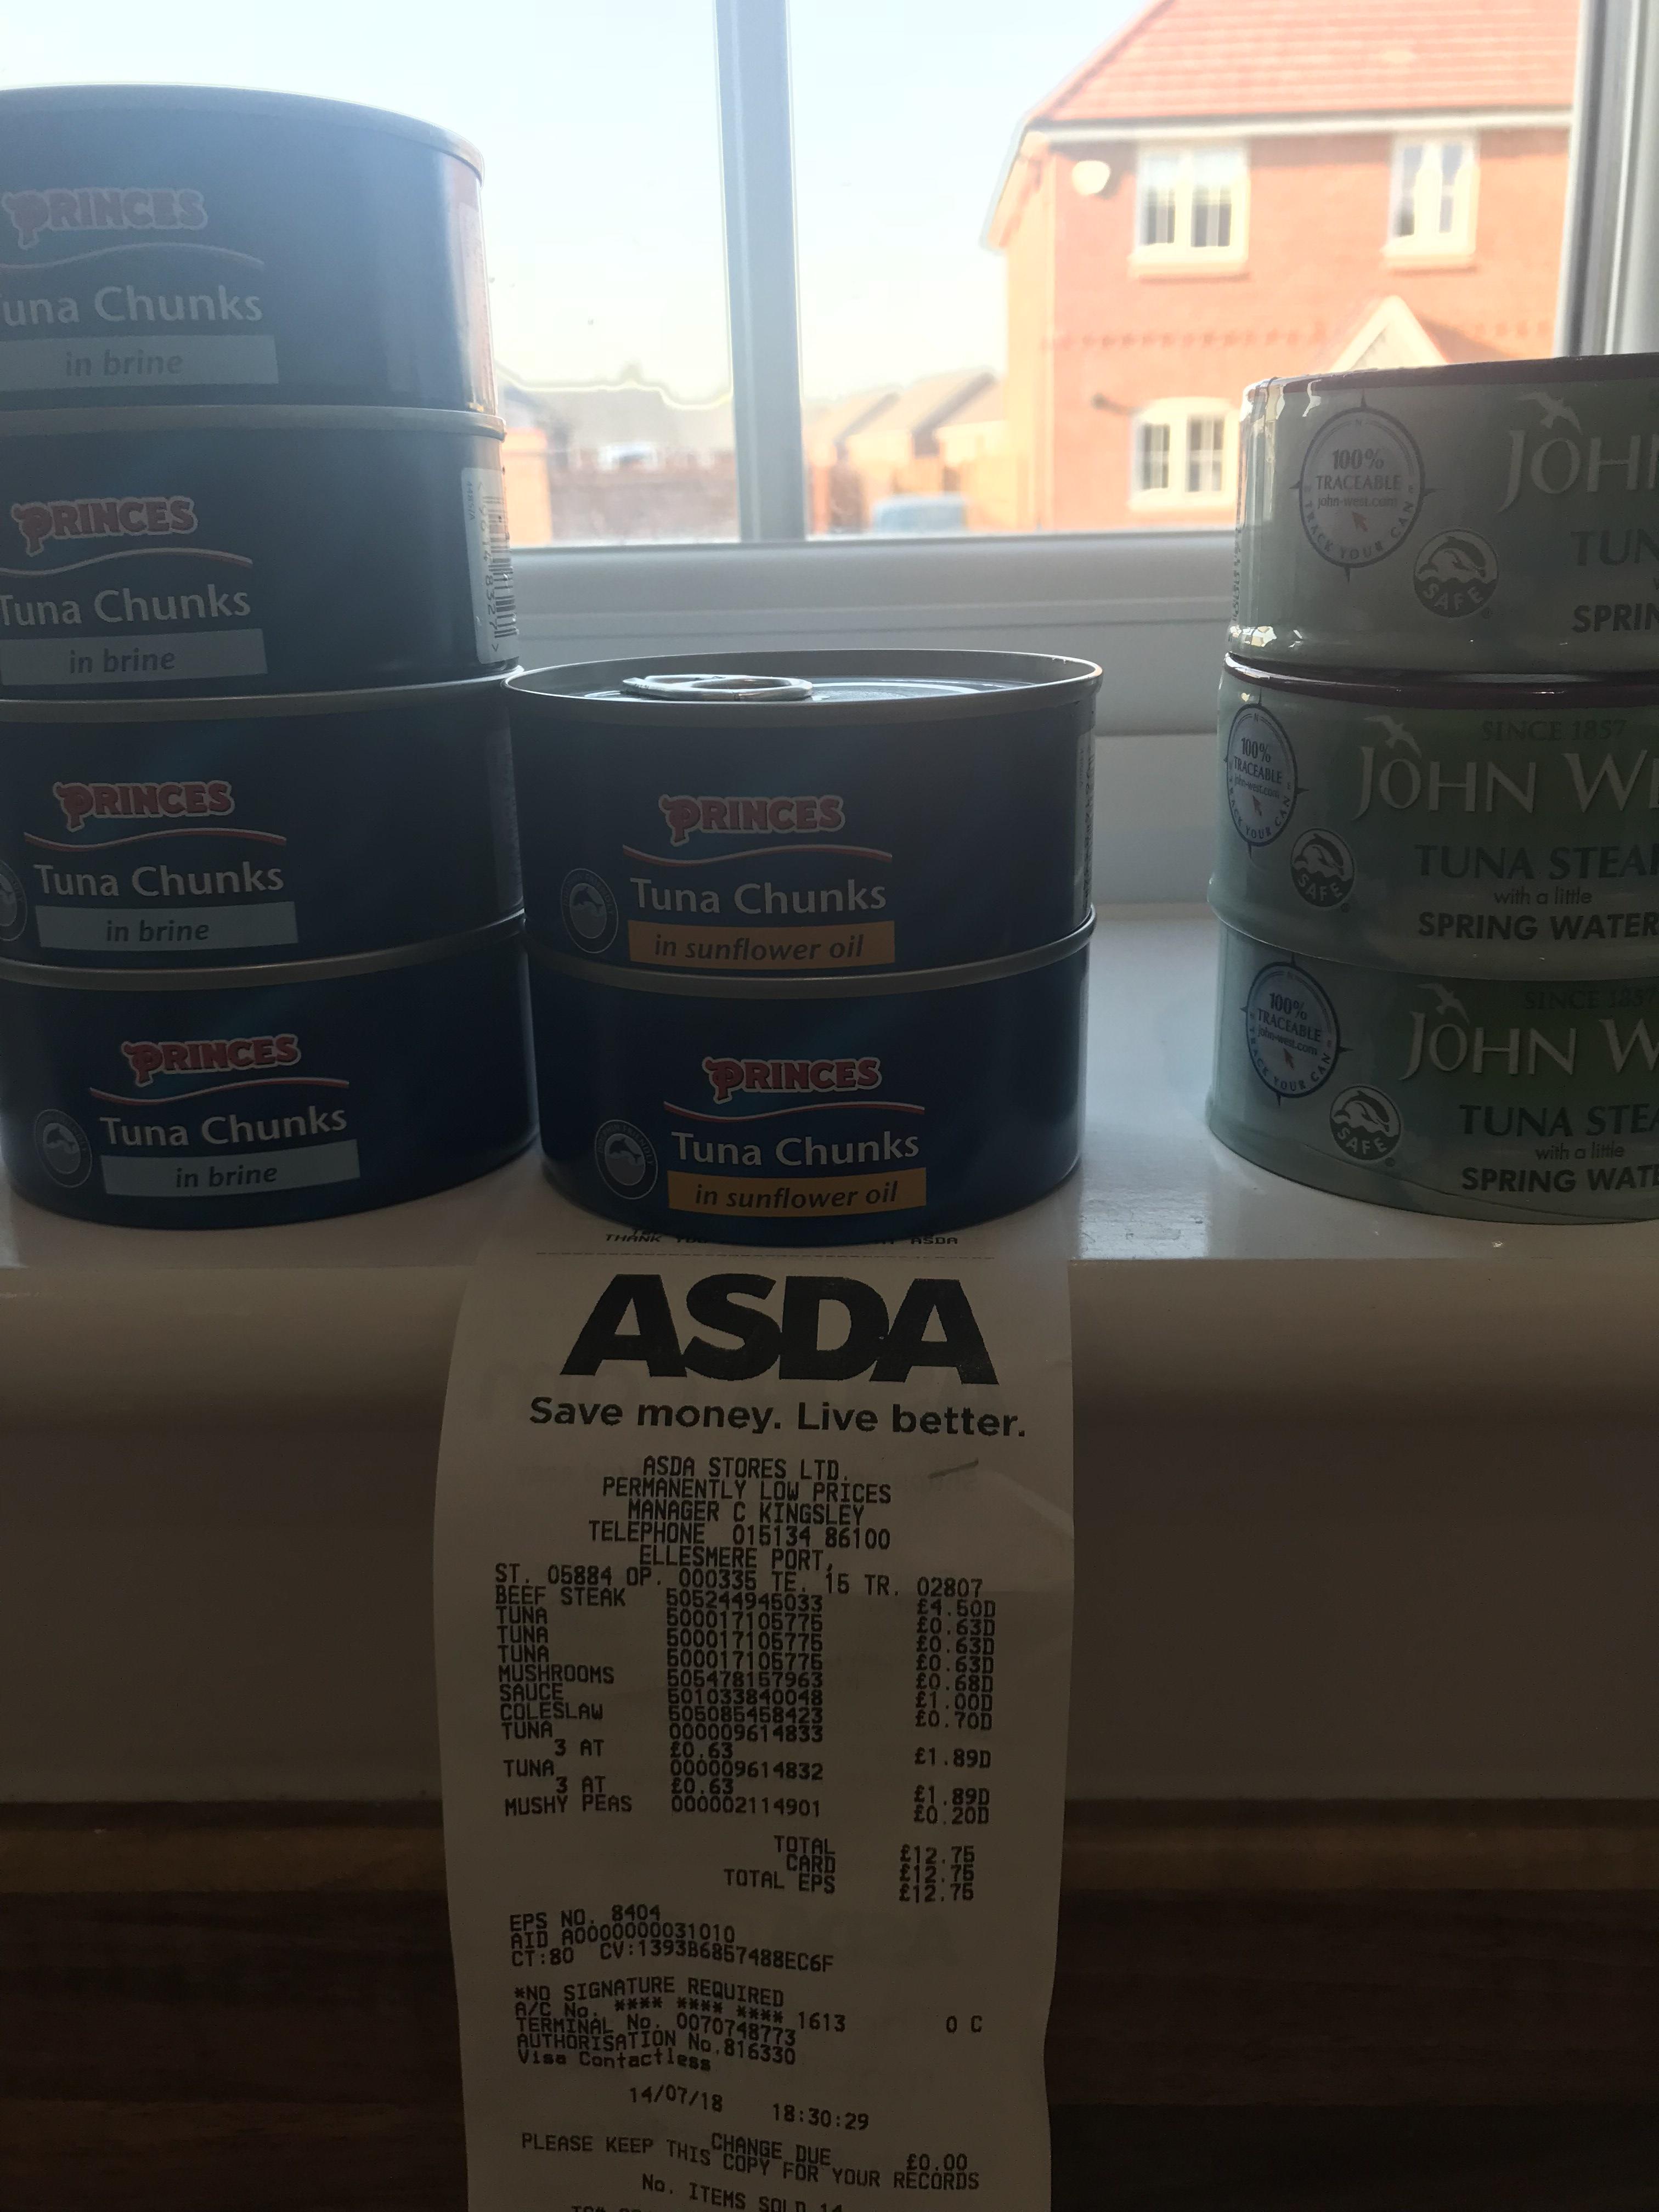 John west tuna steak in brine sunflower oil or spring water 0.63p from £1.49 Asda